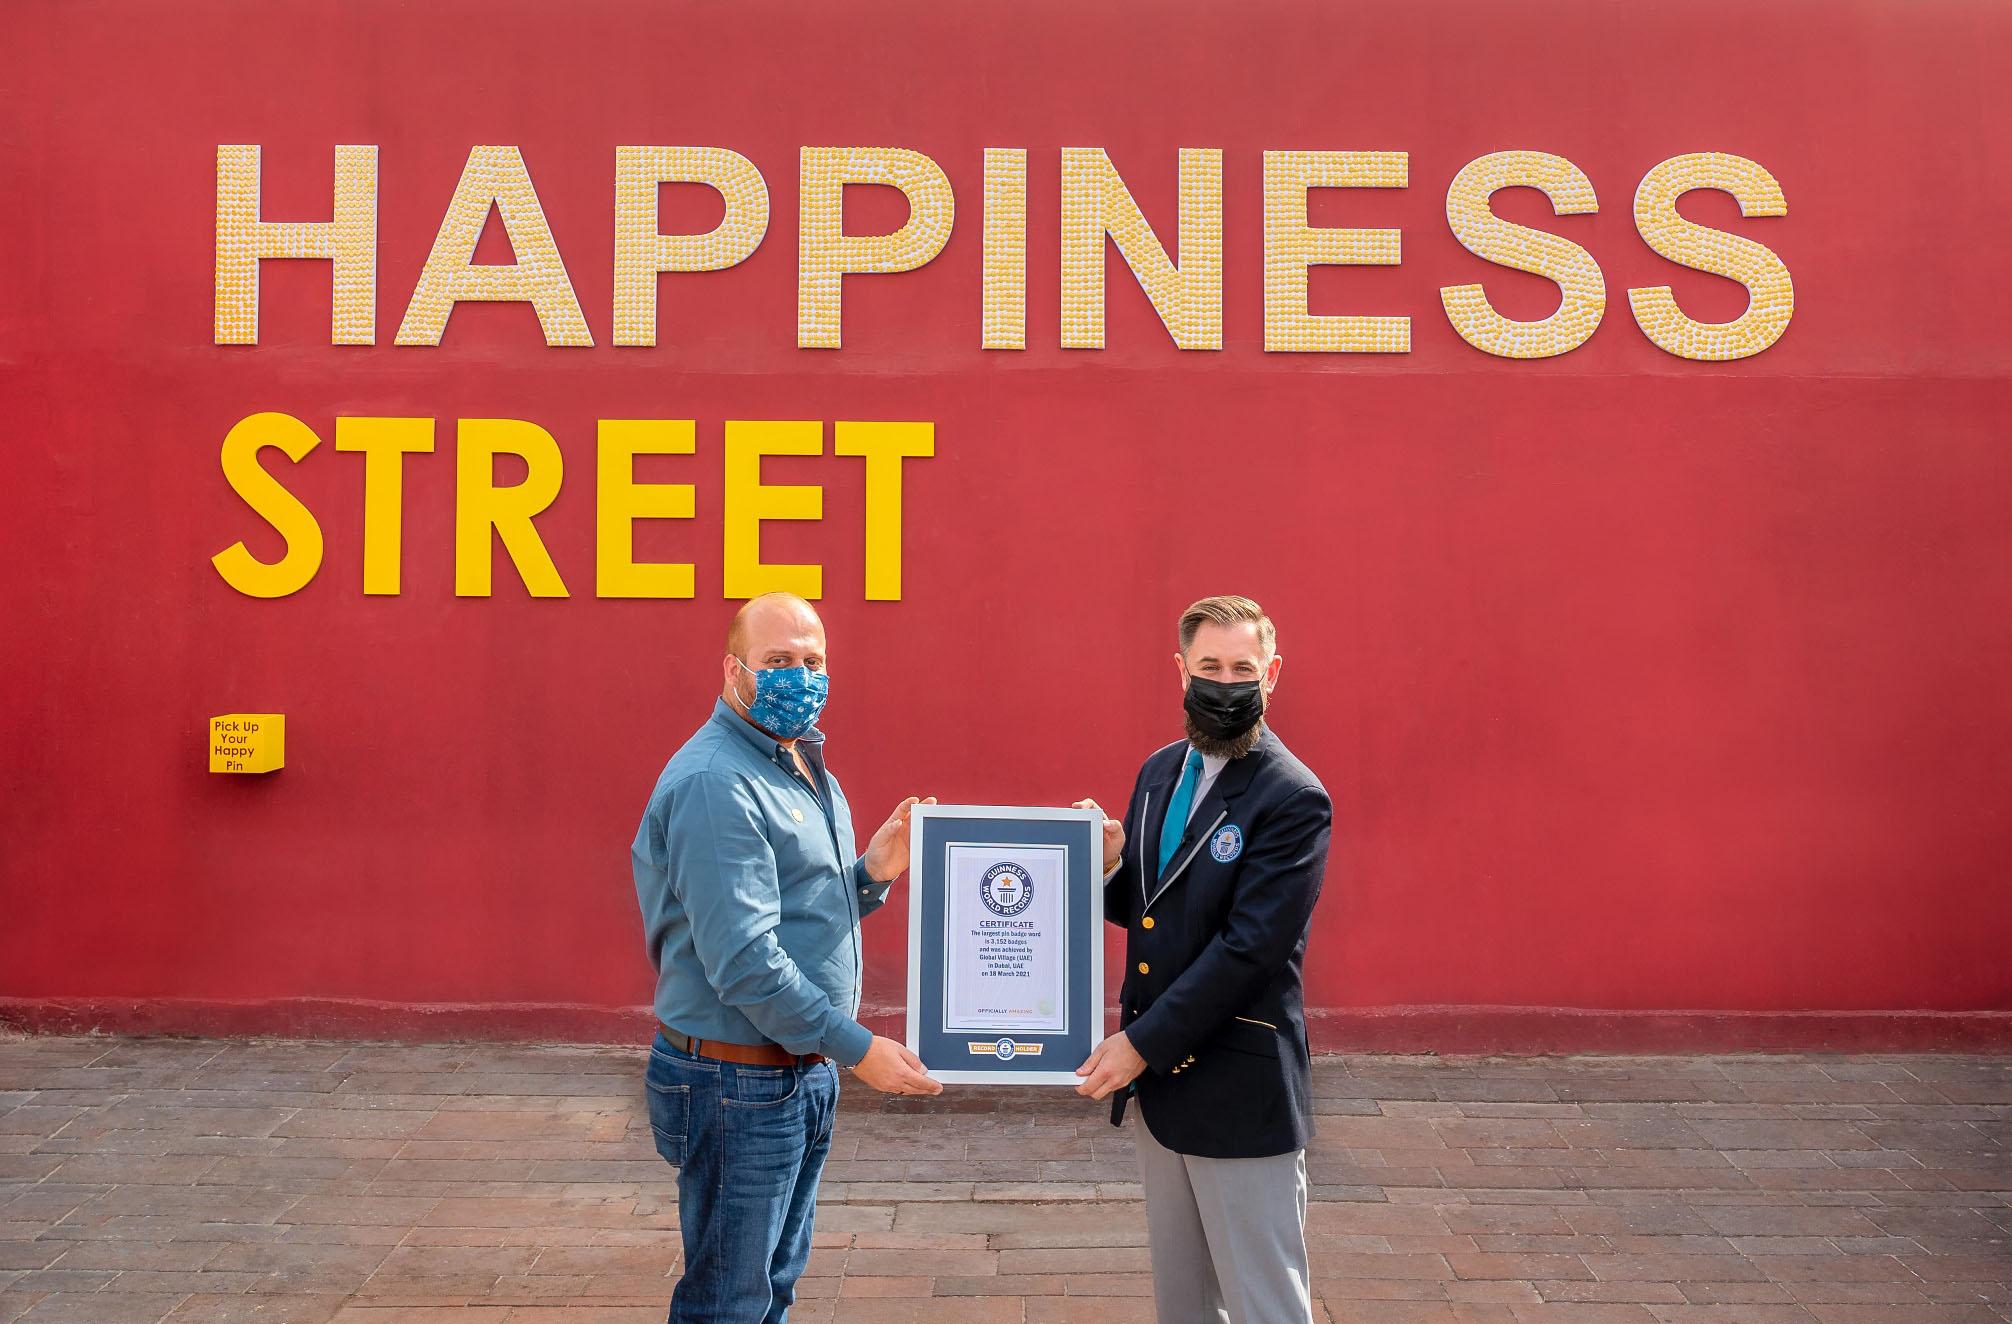 """القرية العالمية تحقق رقما قياسيا جديدا في موسوعة """"غينيس"""" احتفالاً باليوم العالمي للسعادة"""